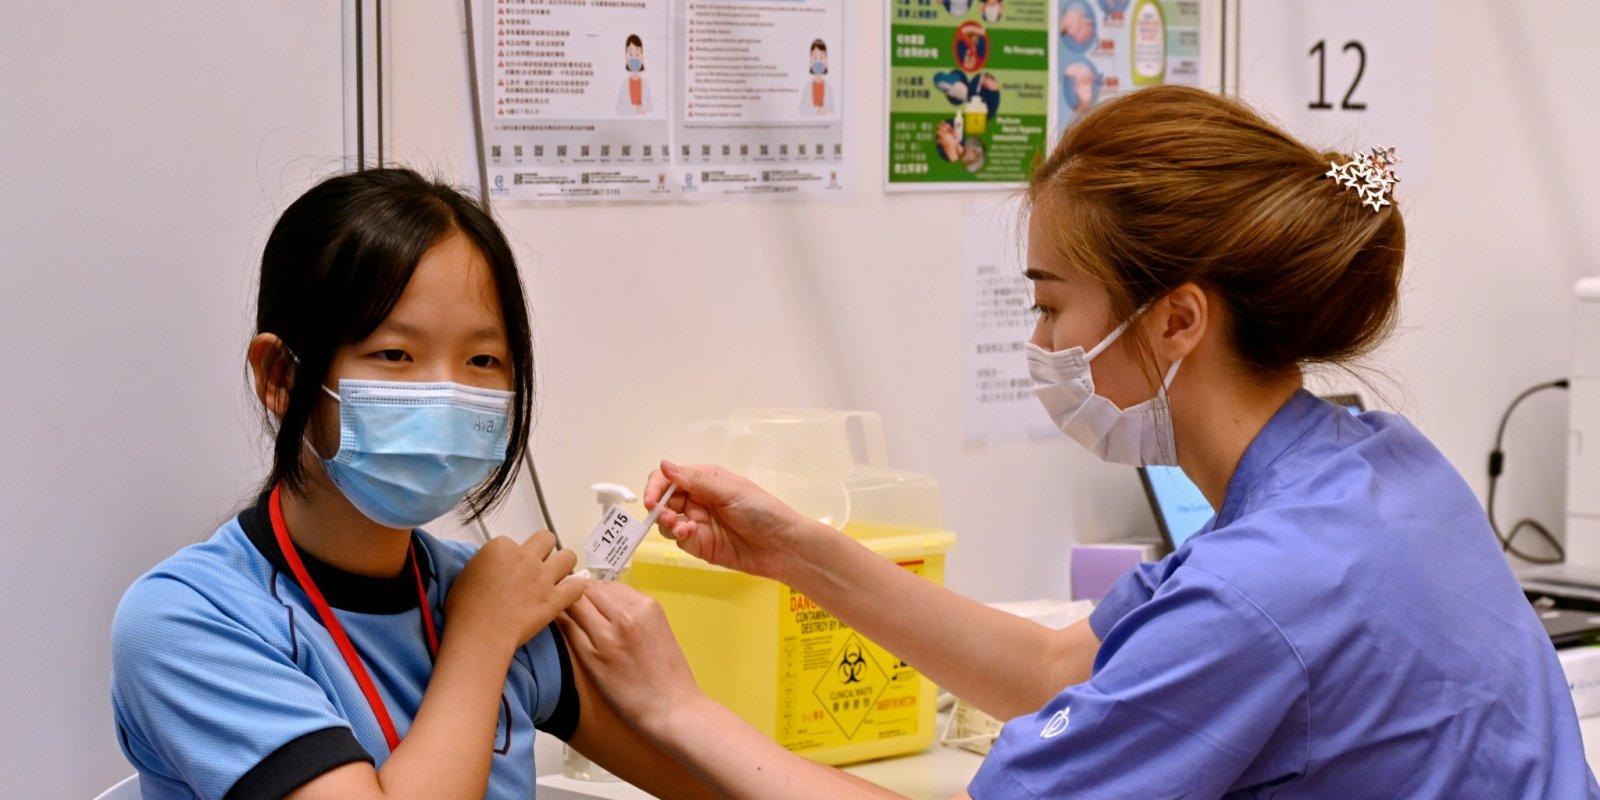 本港逾303萬人已打疫苗 今日5.6萬人打針